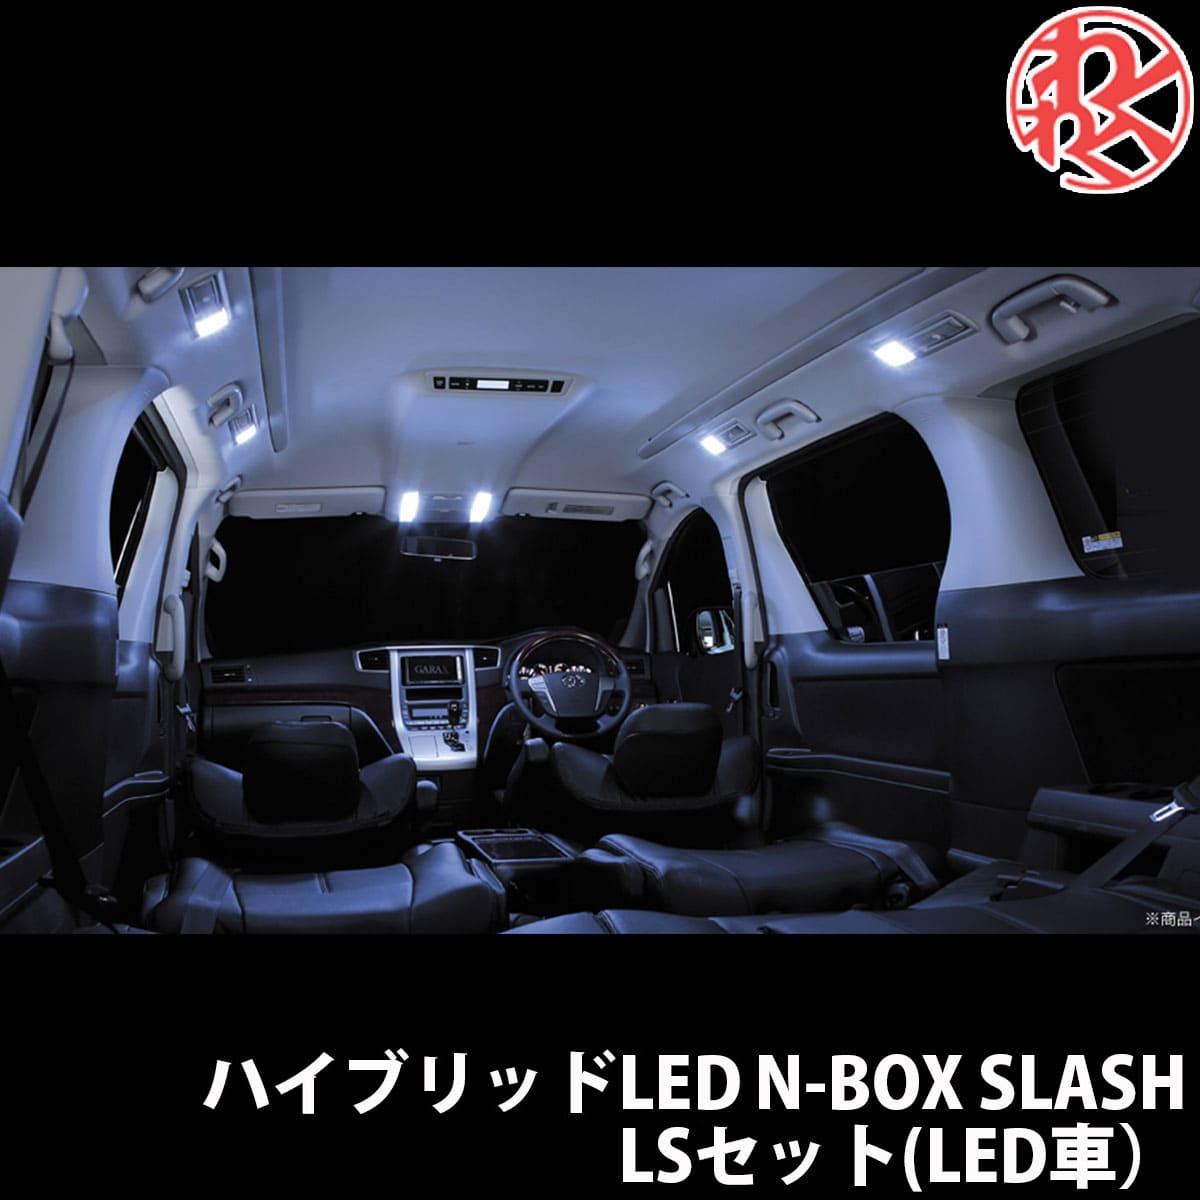 アウトレット品 K-SPEC おトク GARAX ギャラクス ルームランプ LSセット SLASH N-BOX LED車 SALE開催中 ハイブリッドLED 2 JF1